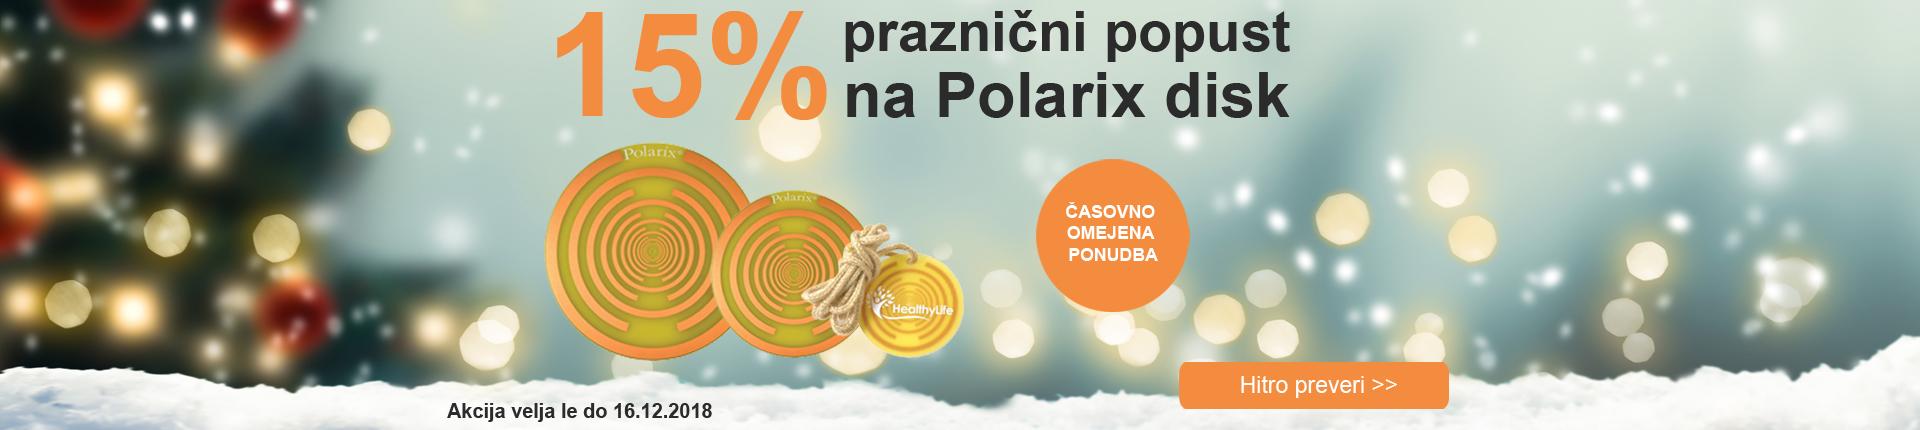 Polarix - 15%